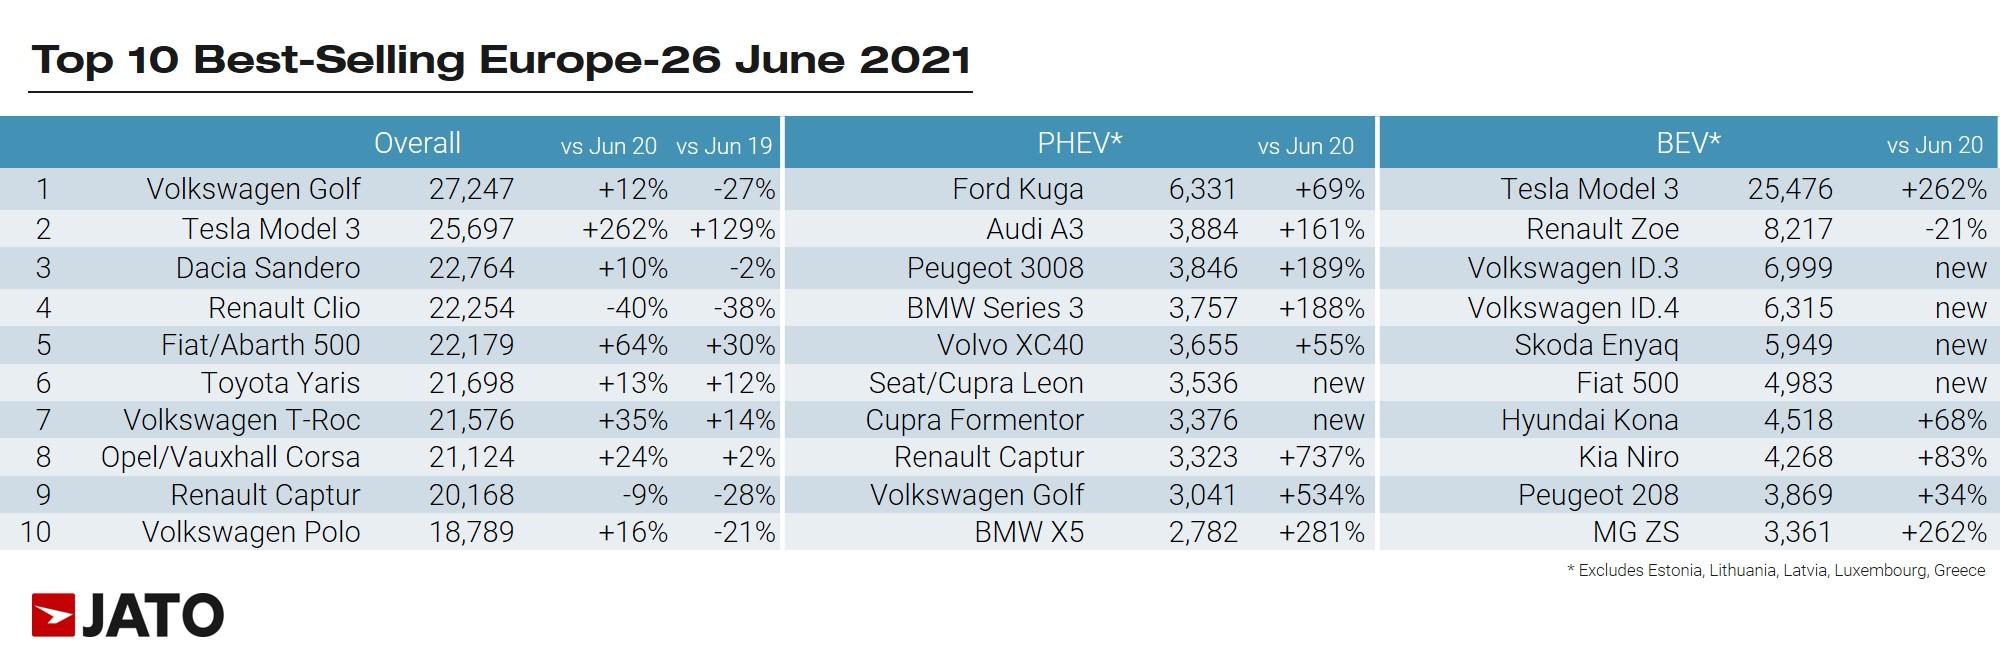 Predaje nabíjateľných áut v Európe - TOP 10 za jún 2021 (Zdroj: JATO)